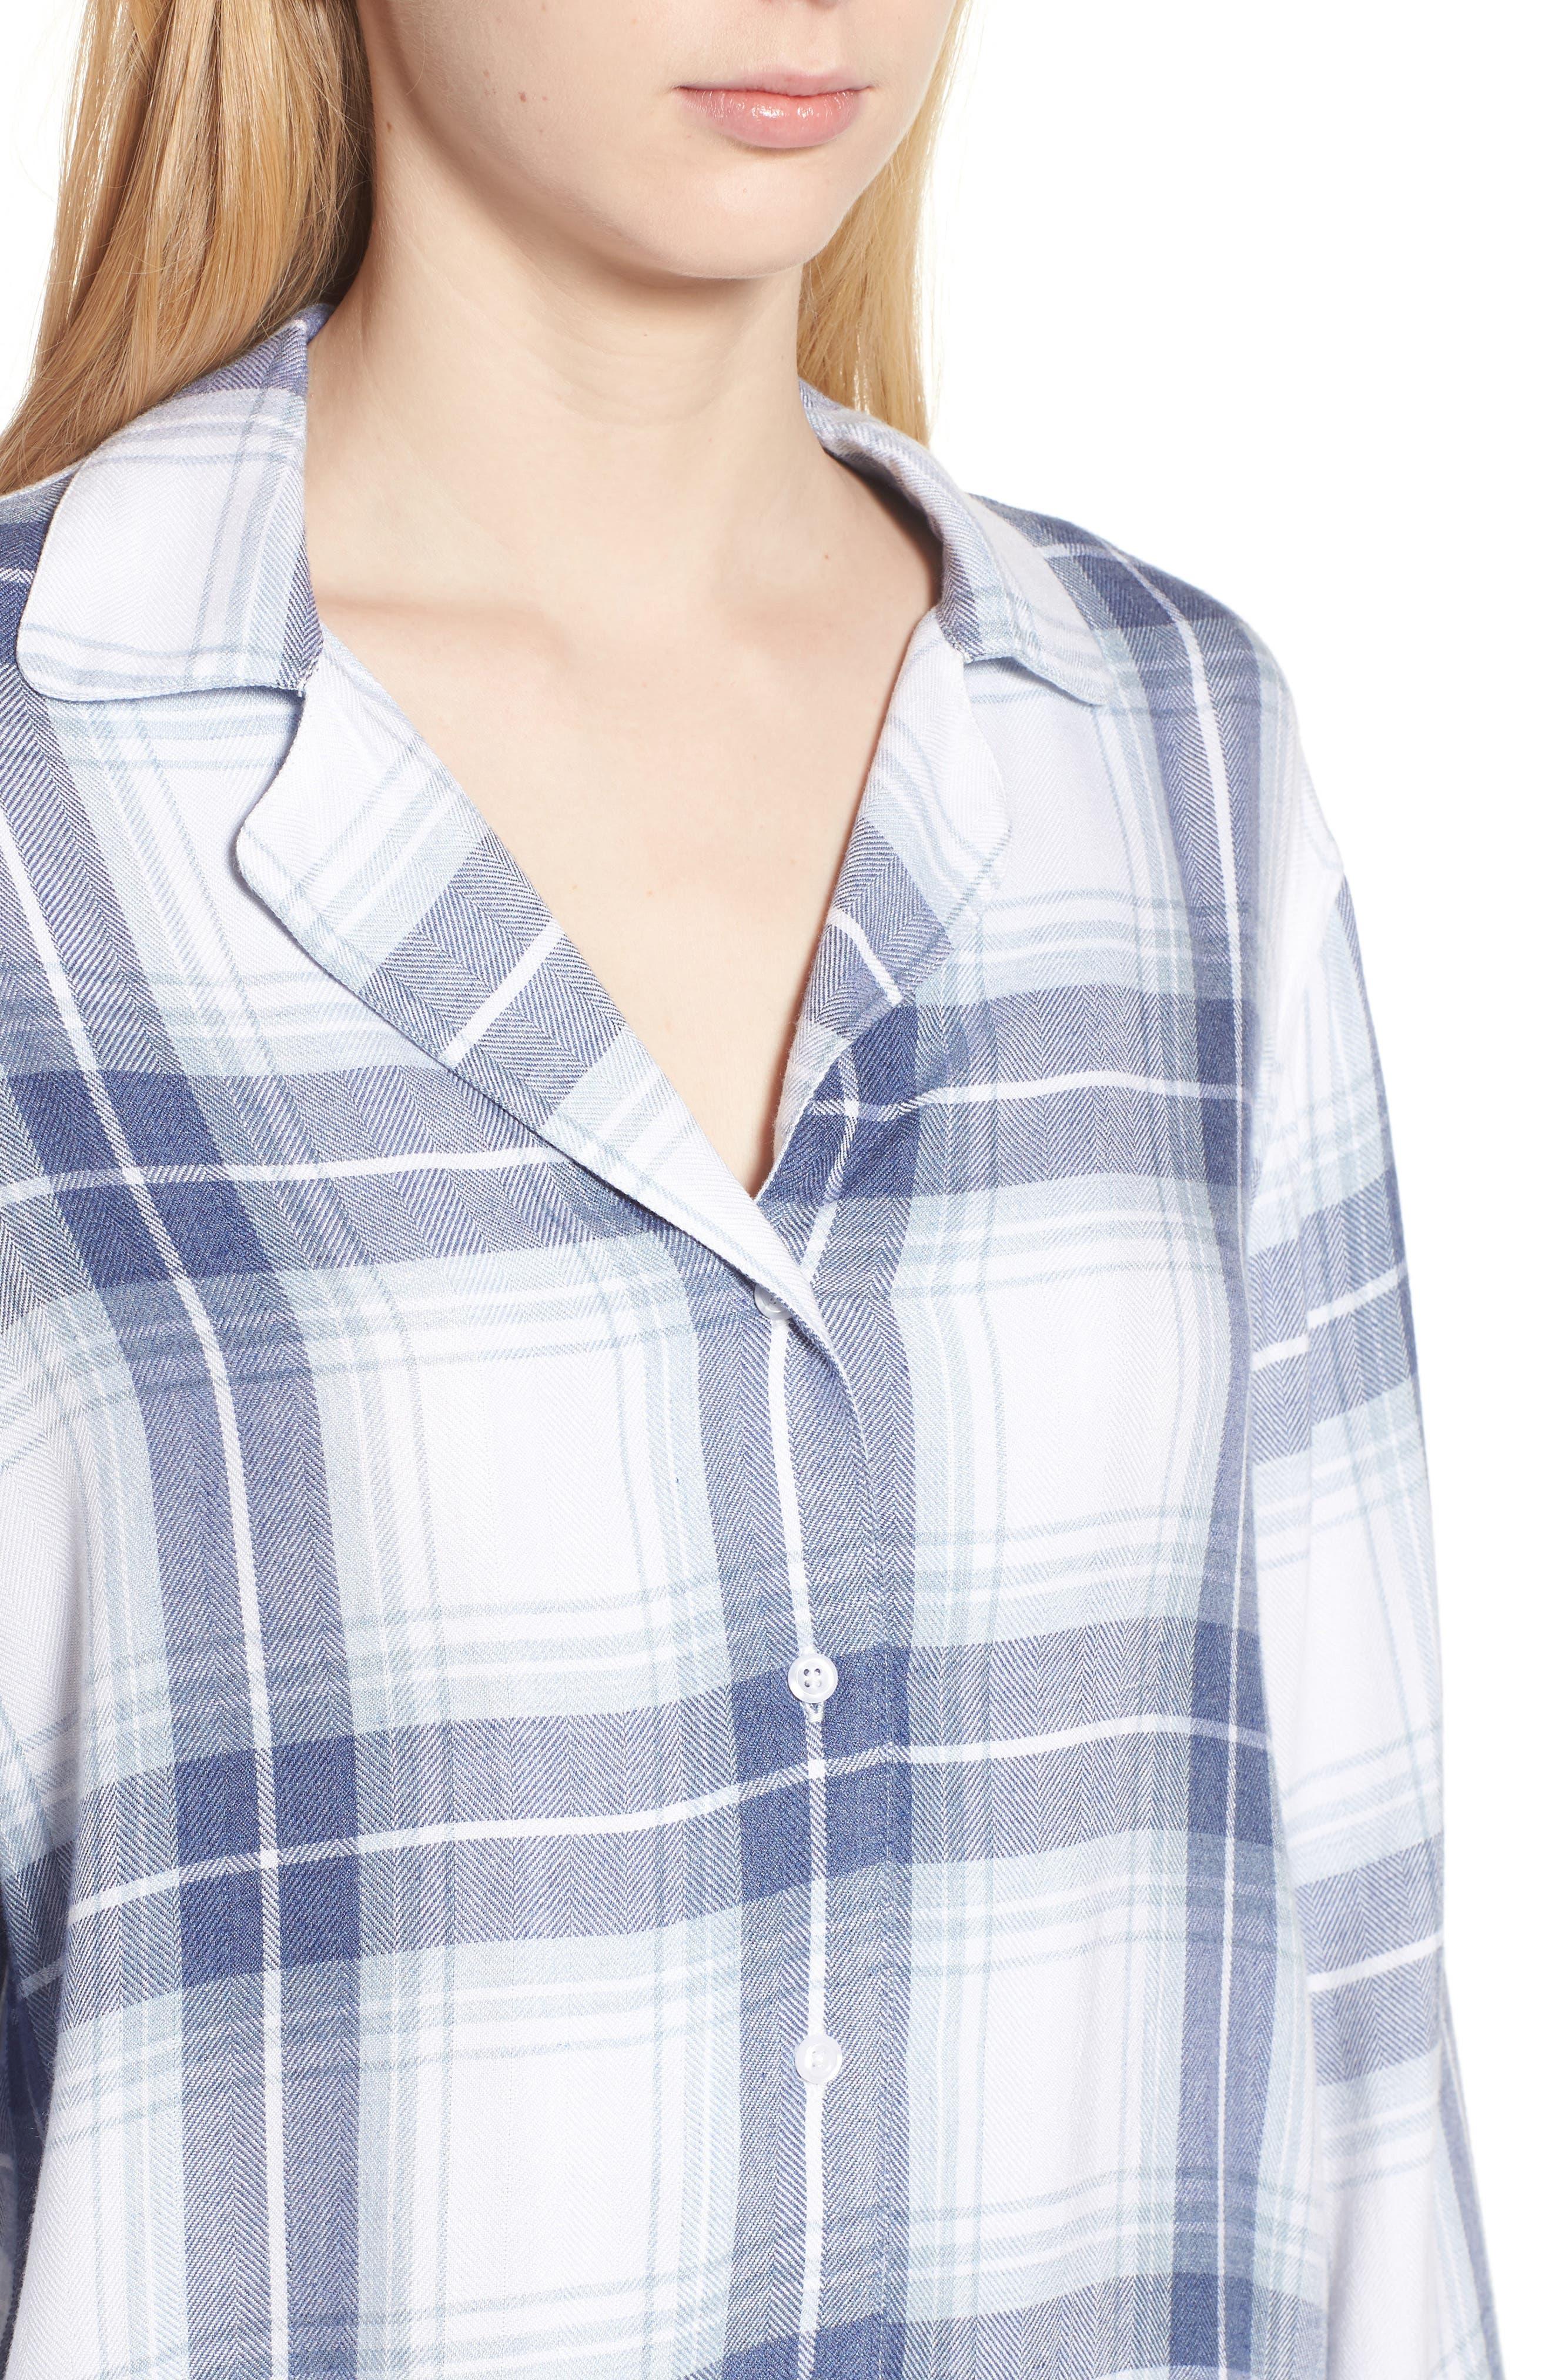 Plaid Pajamas,                             Alternate thumbnail 5, color,                             Pacific Sky White